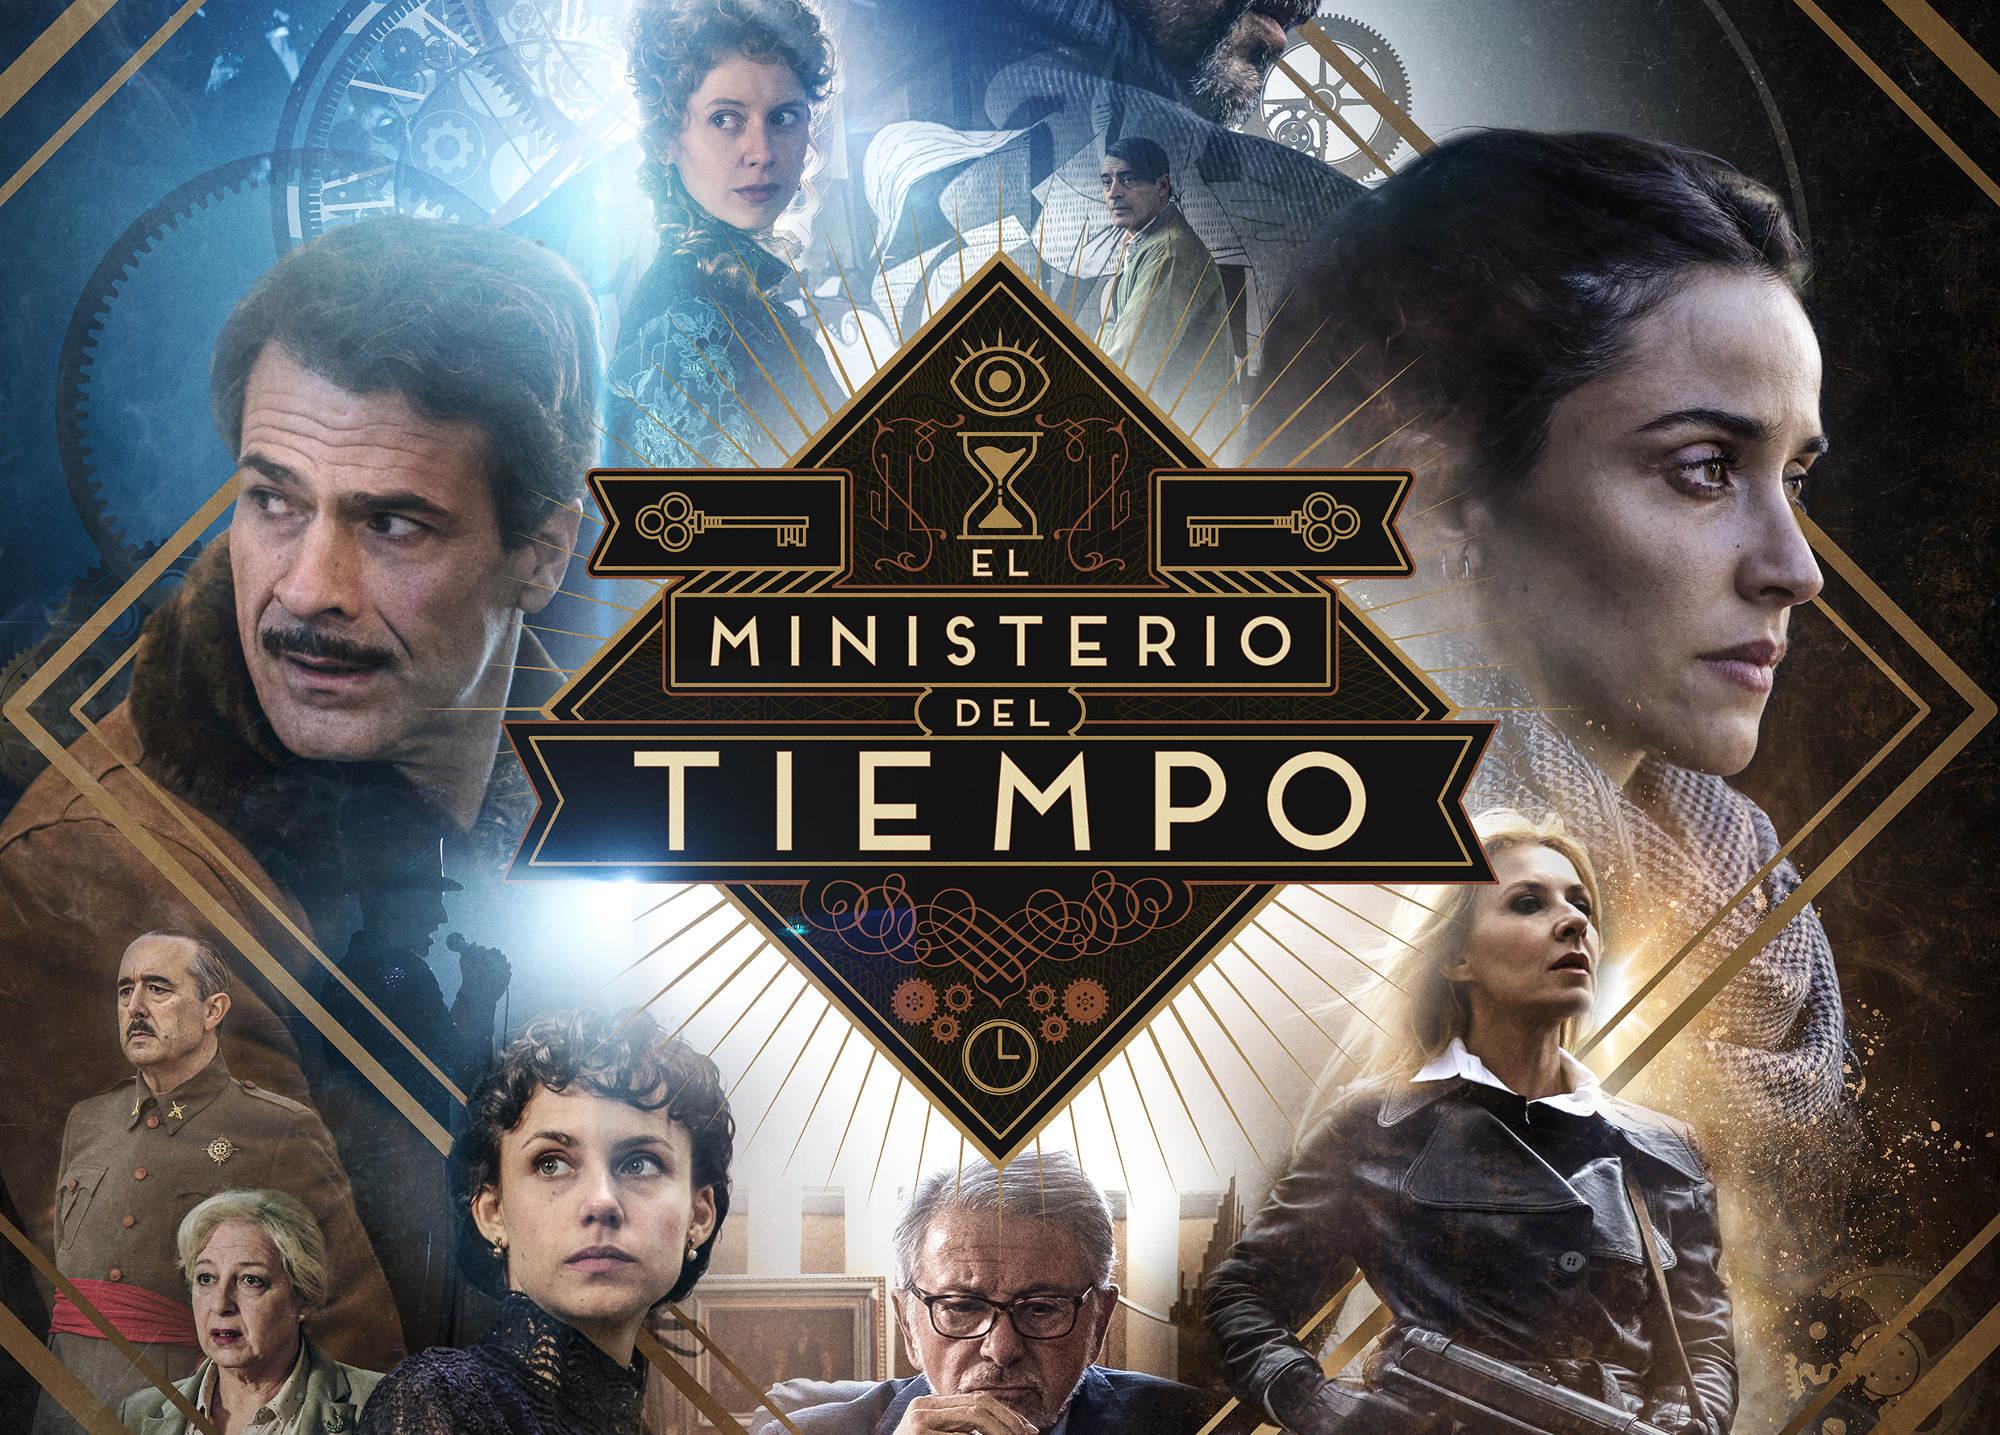 Cartel de la temporada 4 de El ministerio del tiempo